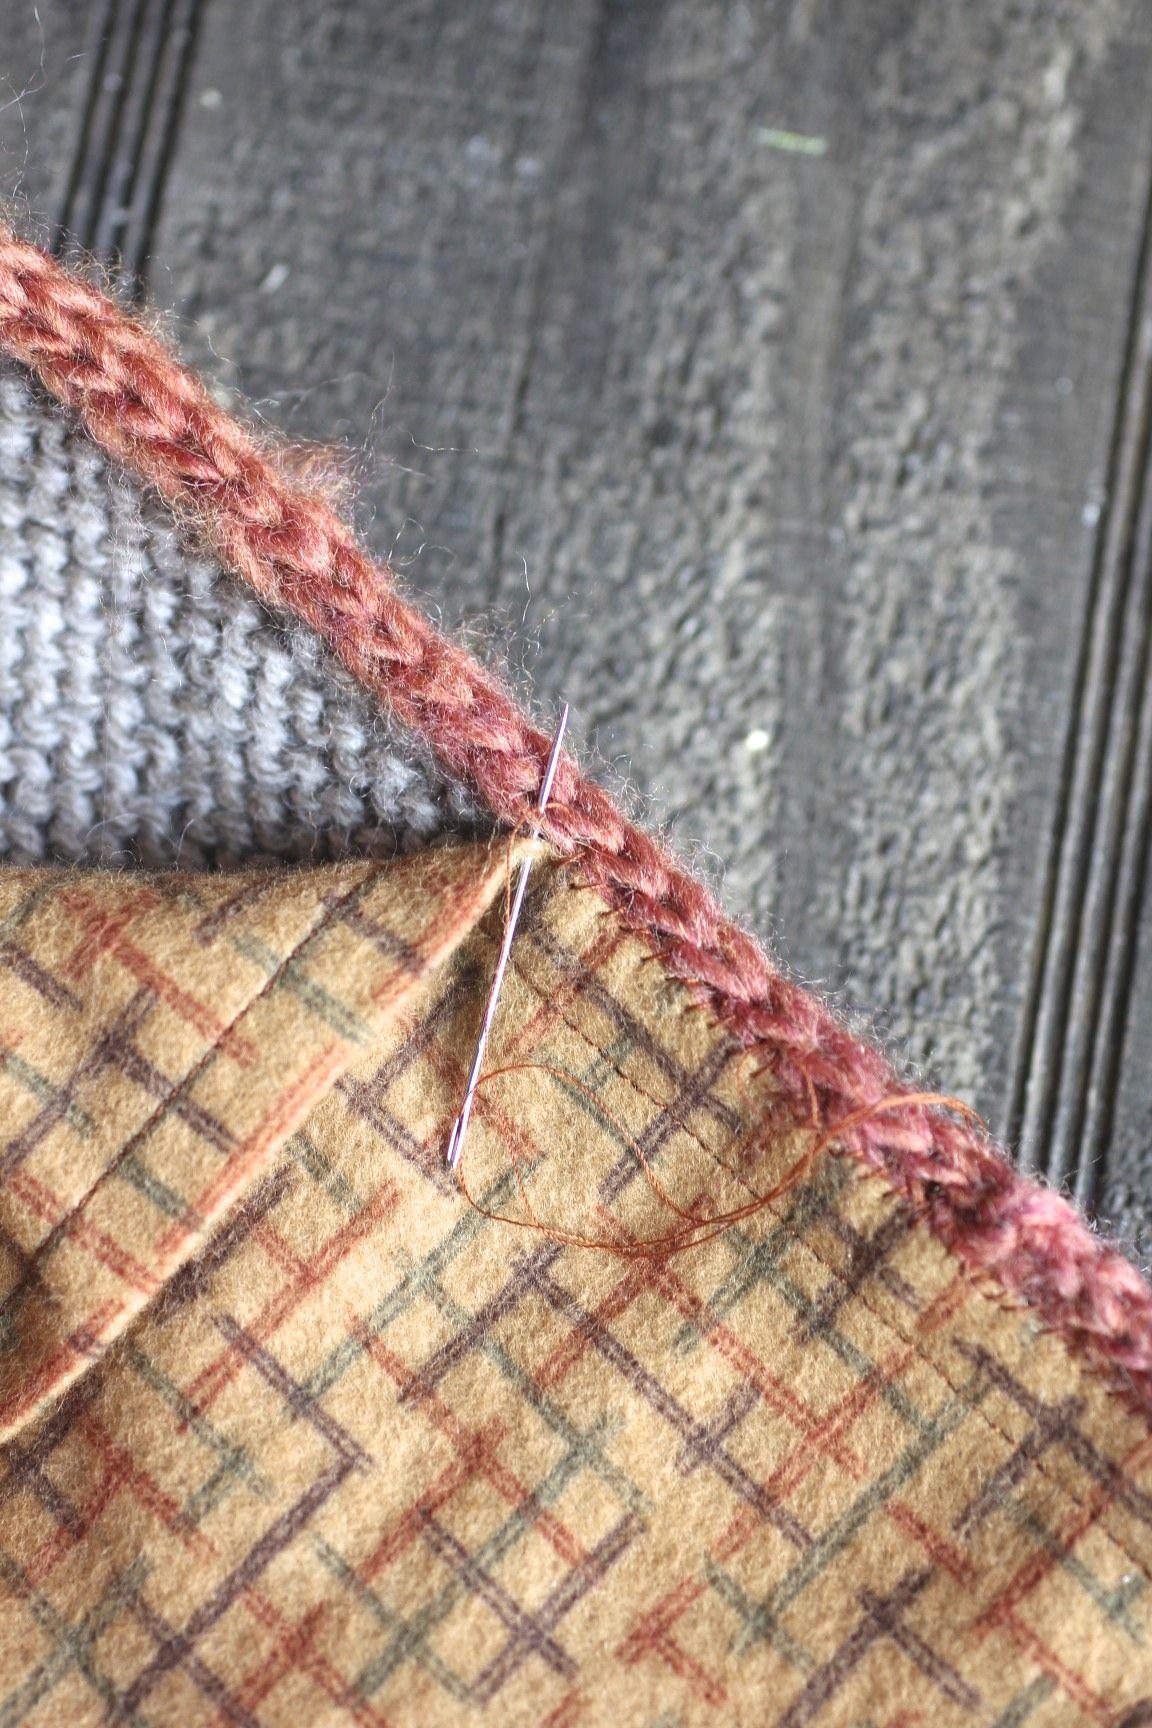 klasse methode ein strickteil mit stofff zu f ttern erst einen i cord abschluss anbringen und. Black Bedroom Furniture Sets. Home Design Ideas